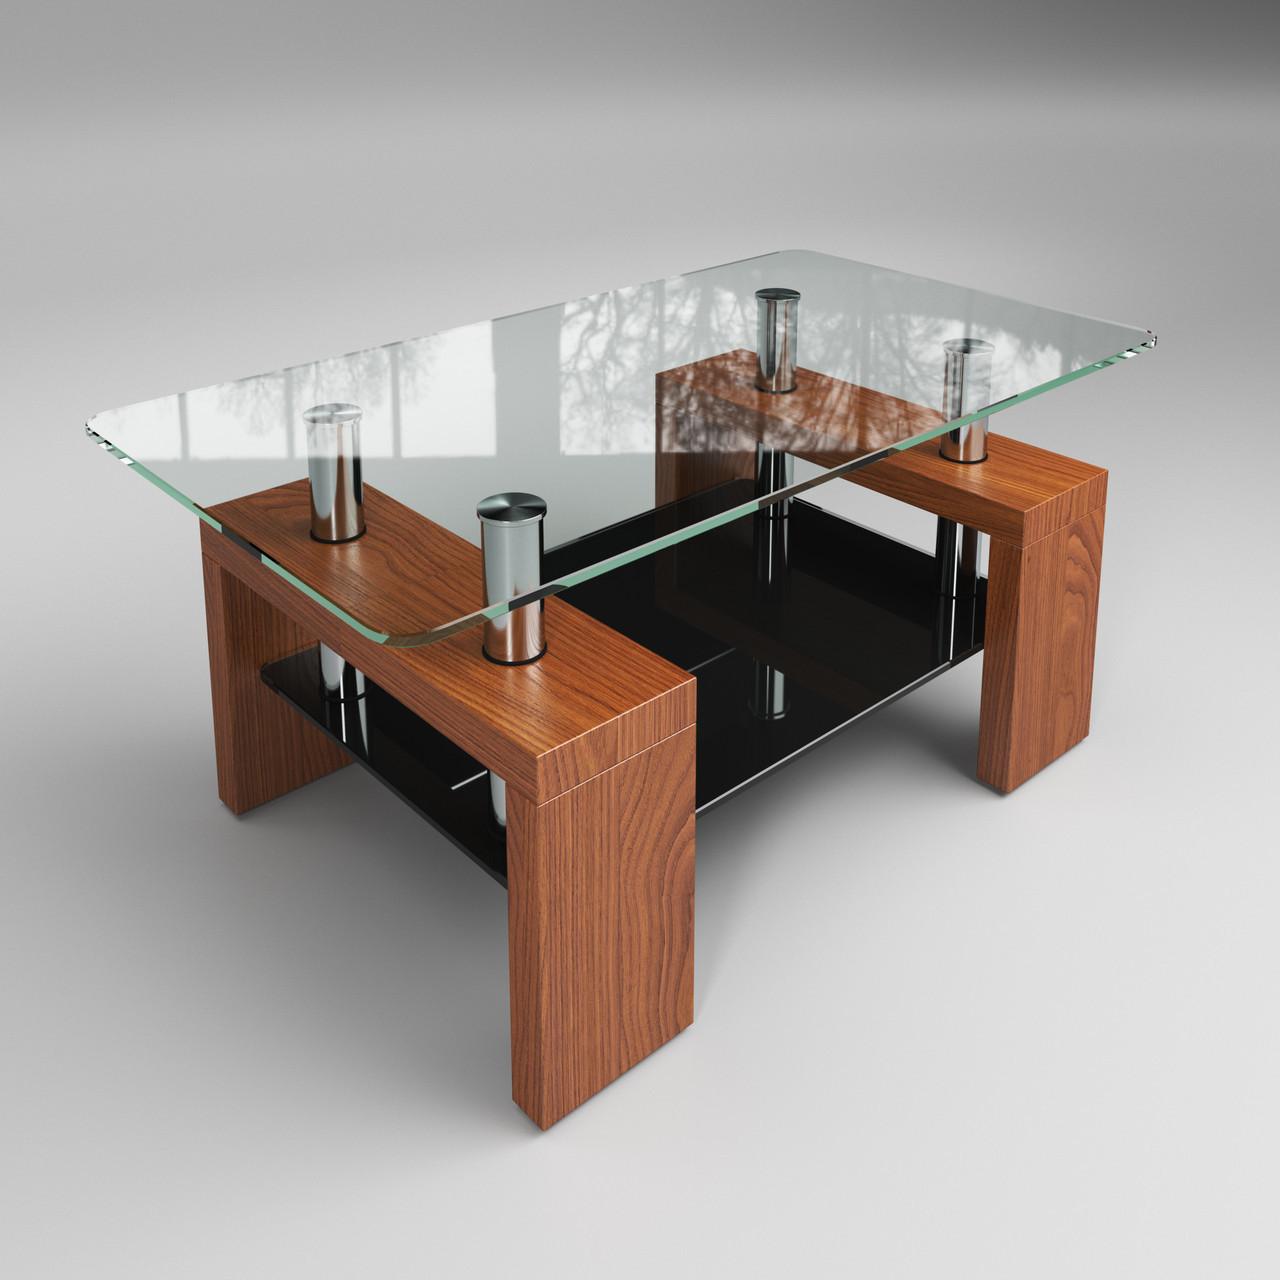 Журнальный стол Престиж мини стеклянный черно-коричневый